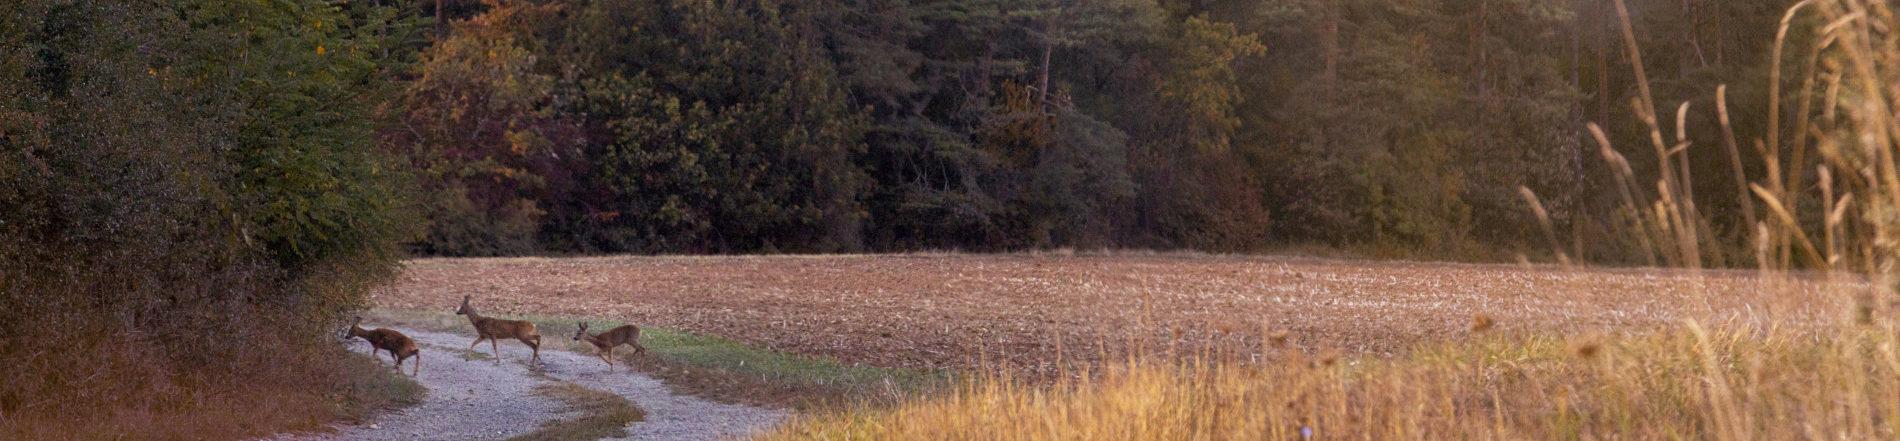 Rehe laufen durch das herbstliche Streutal (Foto: Leska Hörner - Leskas Wunderwelt)